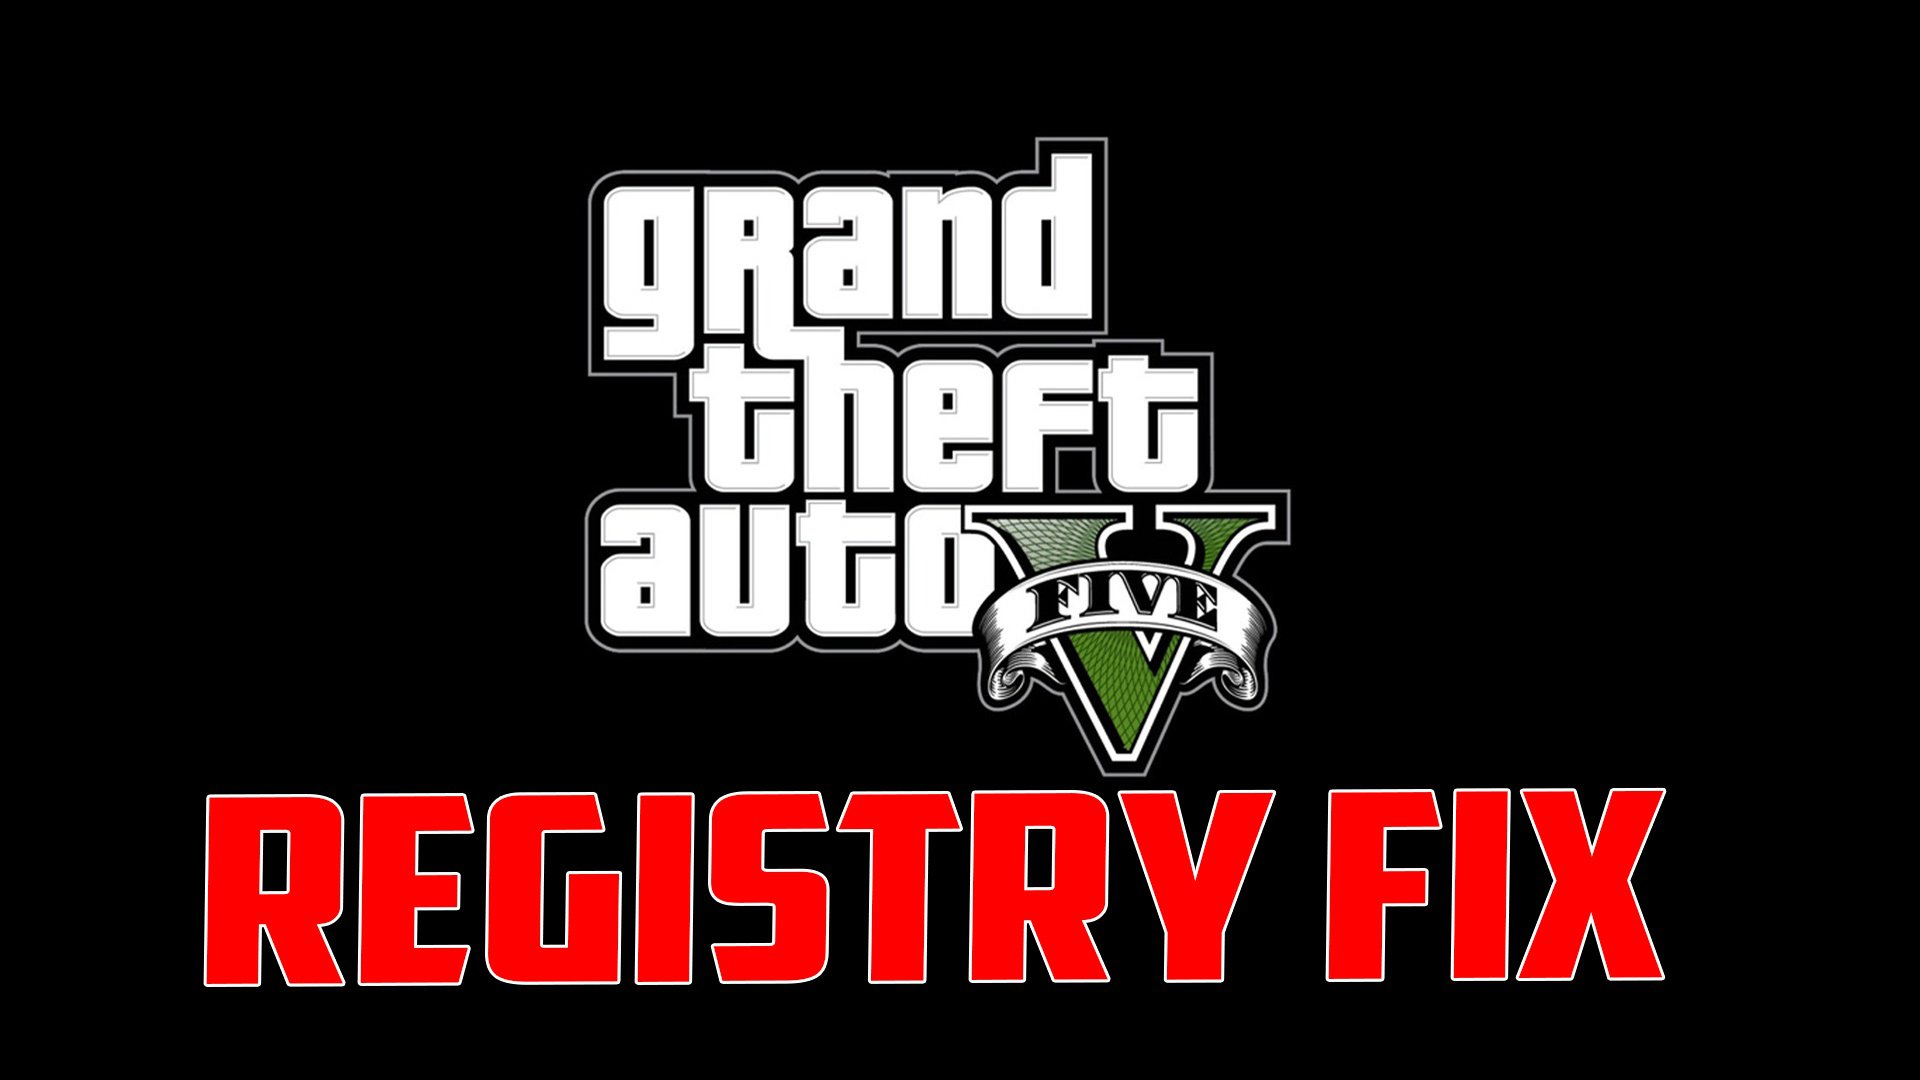 Grand Theft Auto V Registry Fix